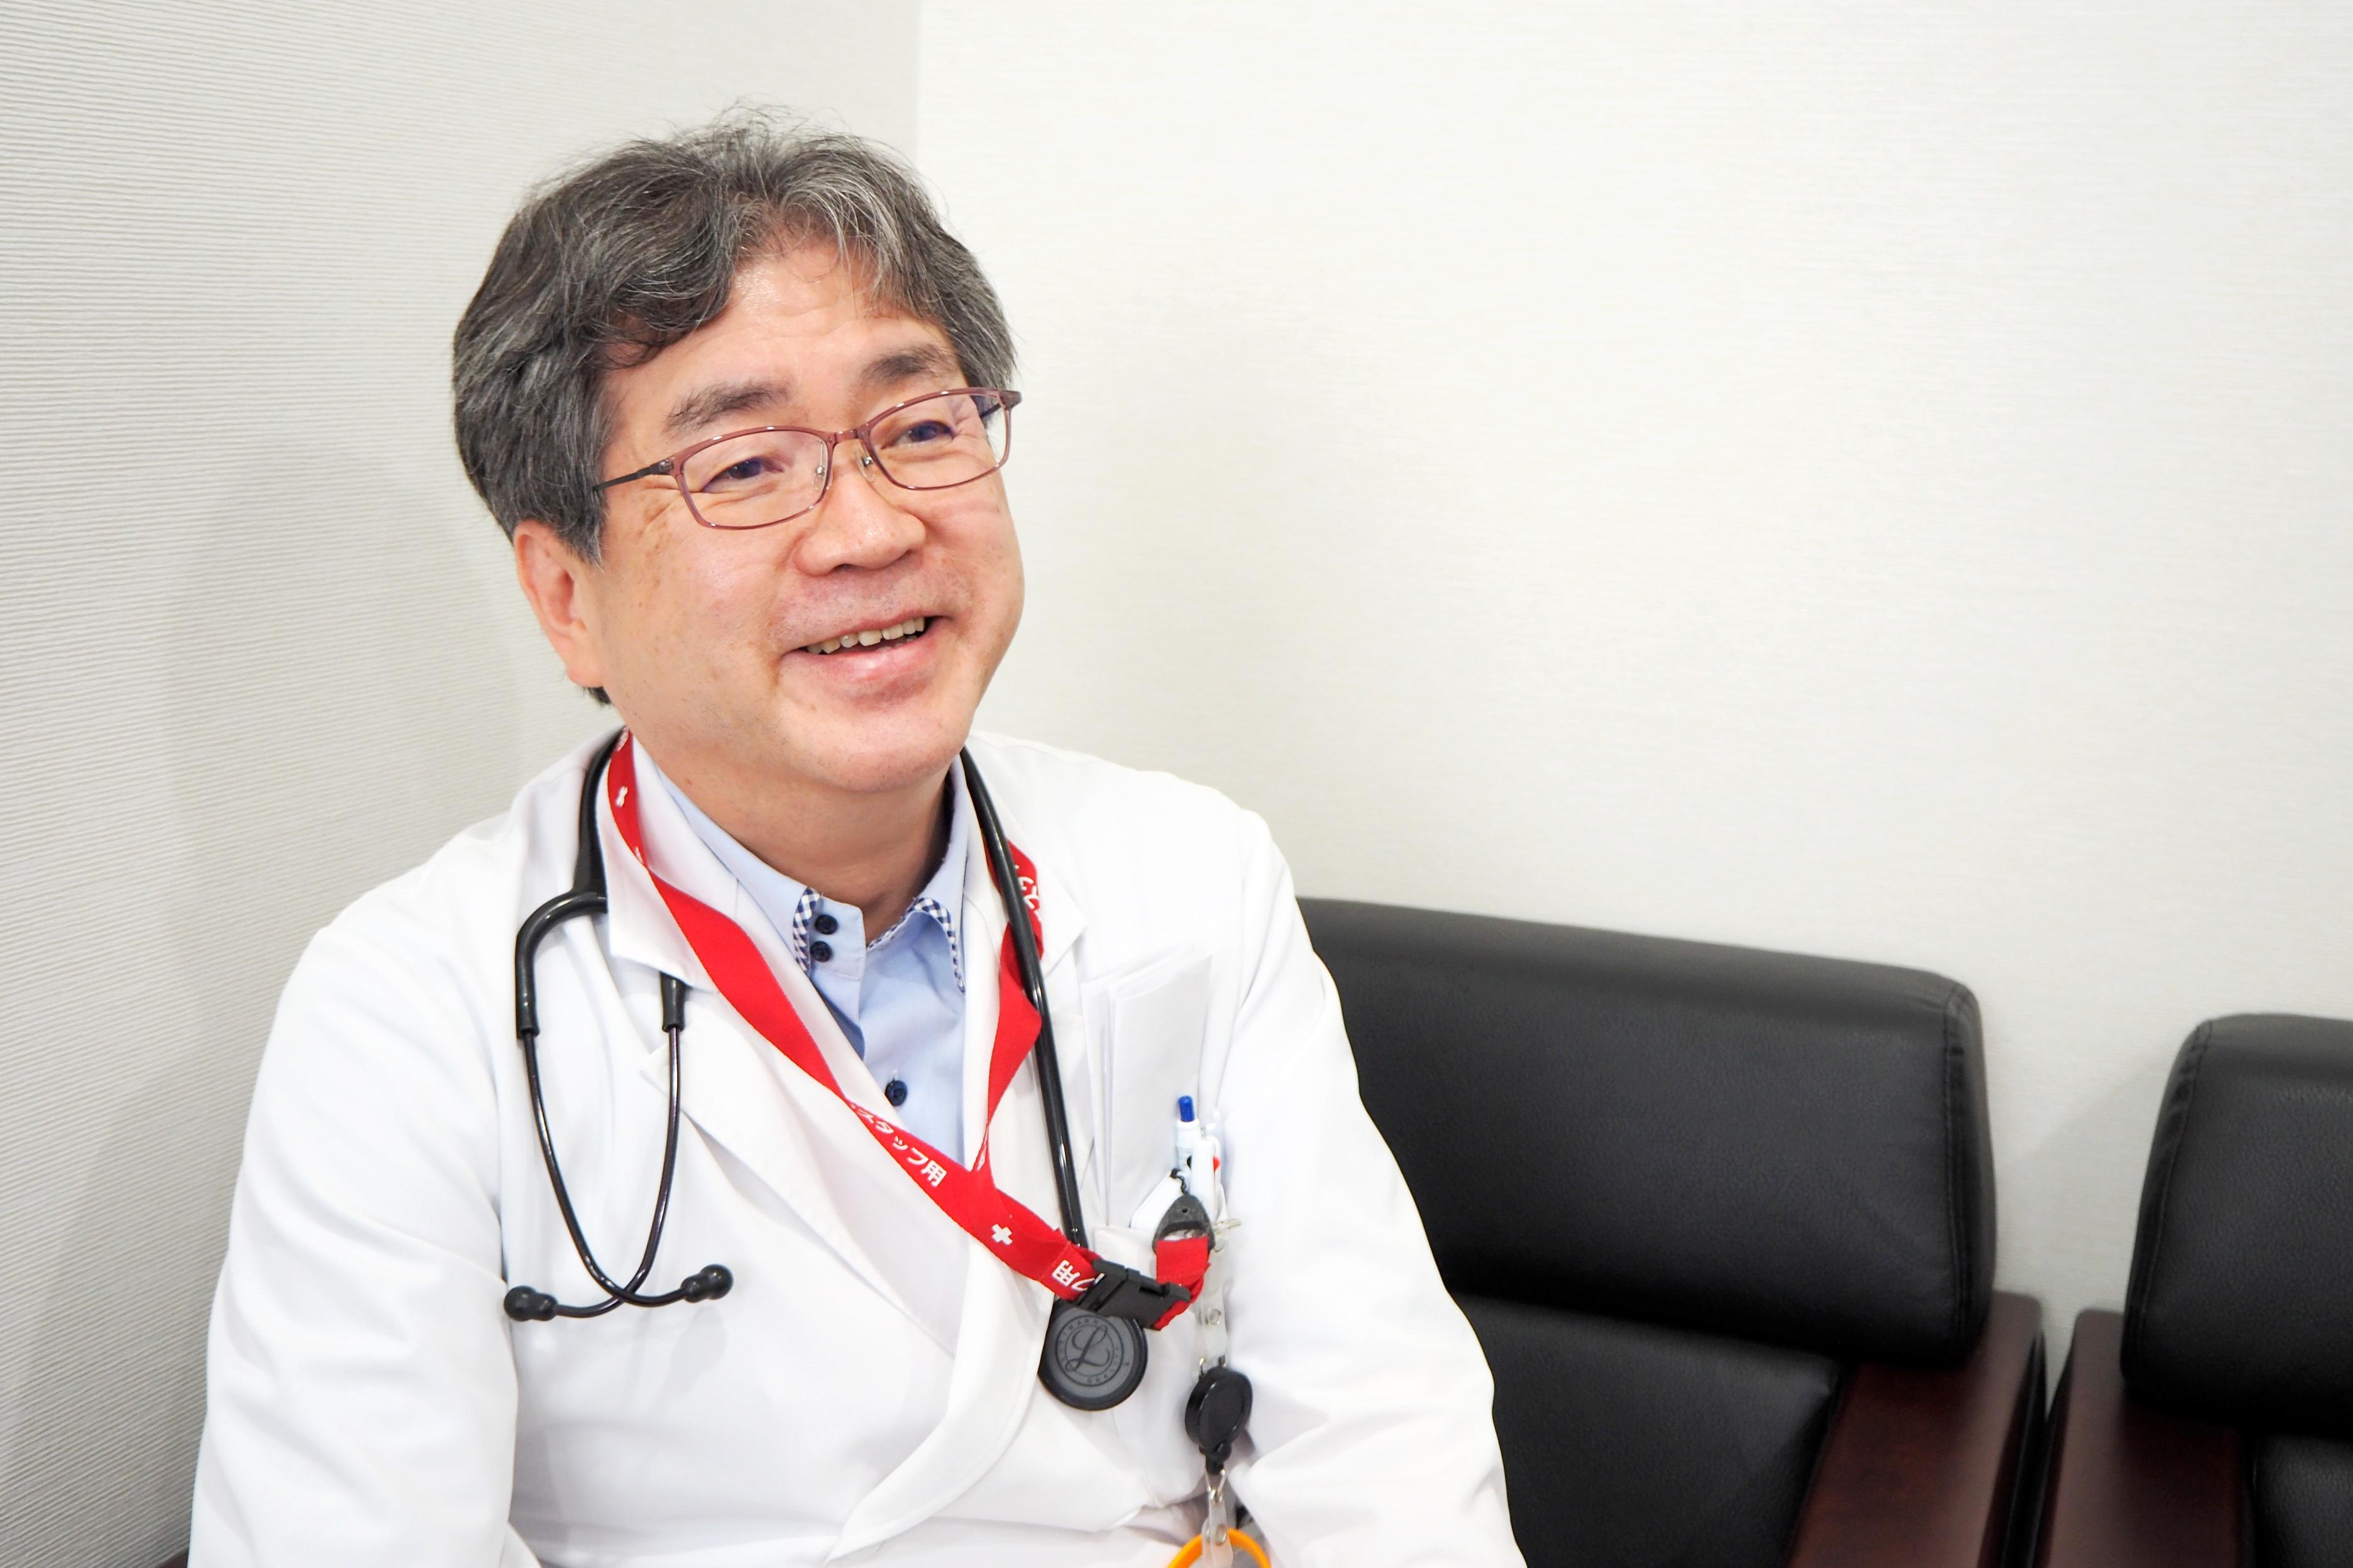 患者さんの栄養管理は、管理栄養士の知識なしには難しい――飯田達能先生の思い